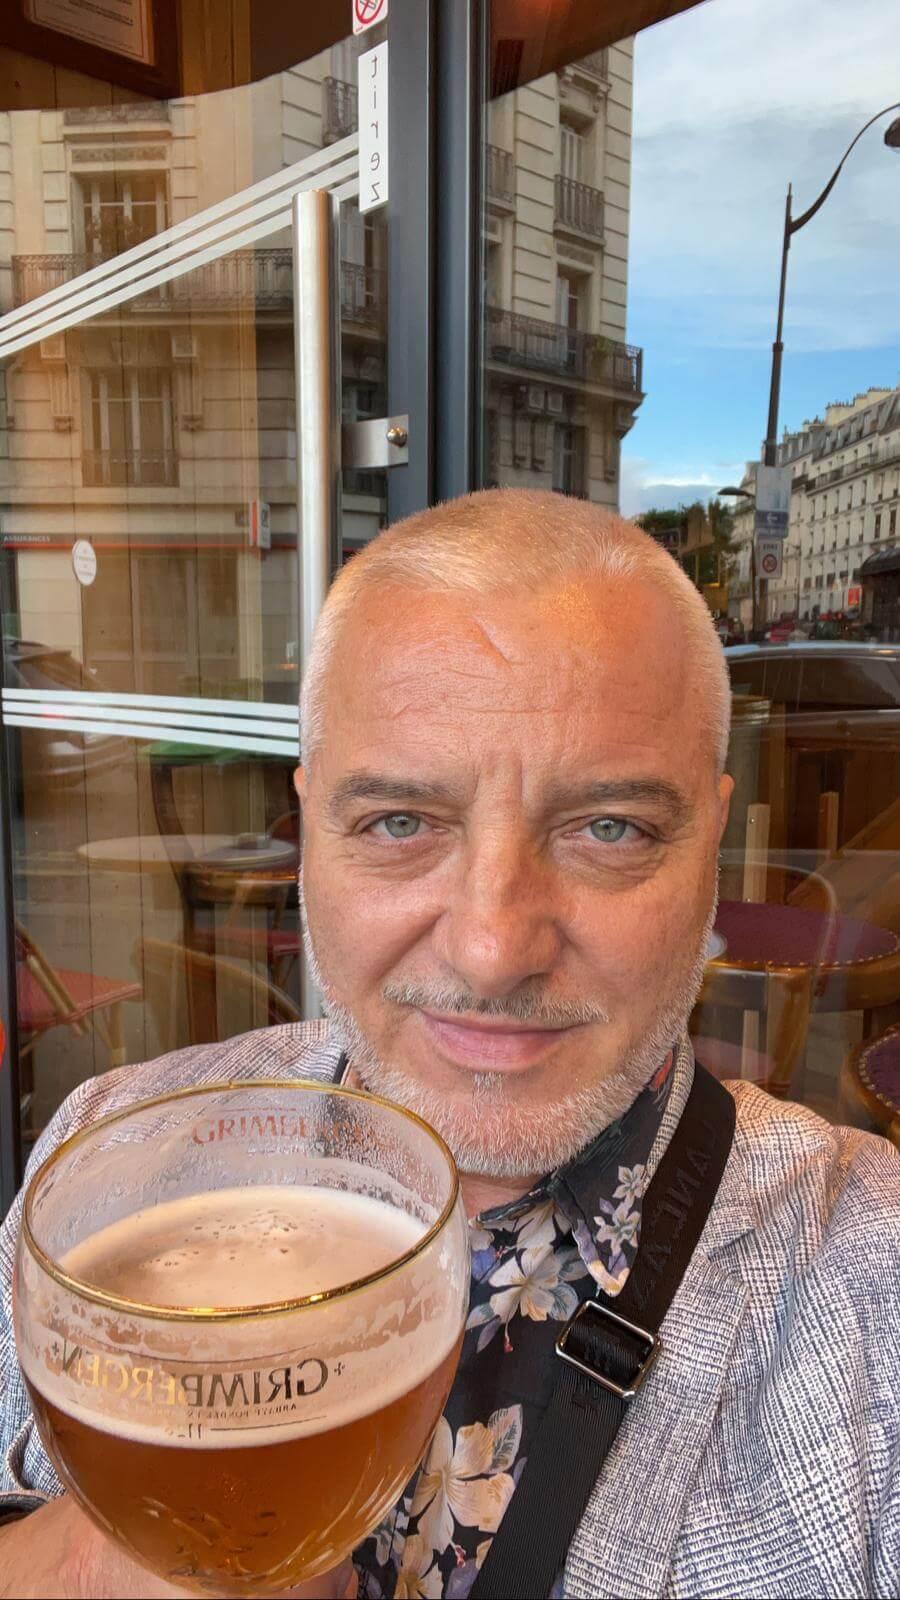 滞仏日記「夏至のパリで、ぼくはウフマヨ摘まんで、ワインと音楽祭!」